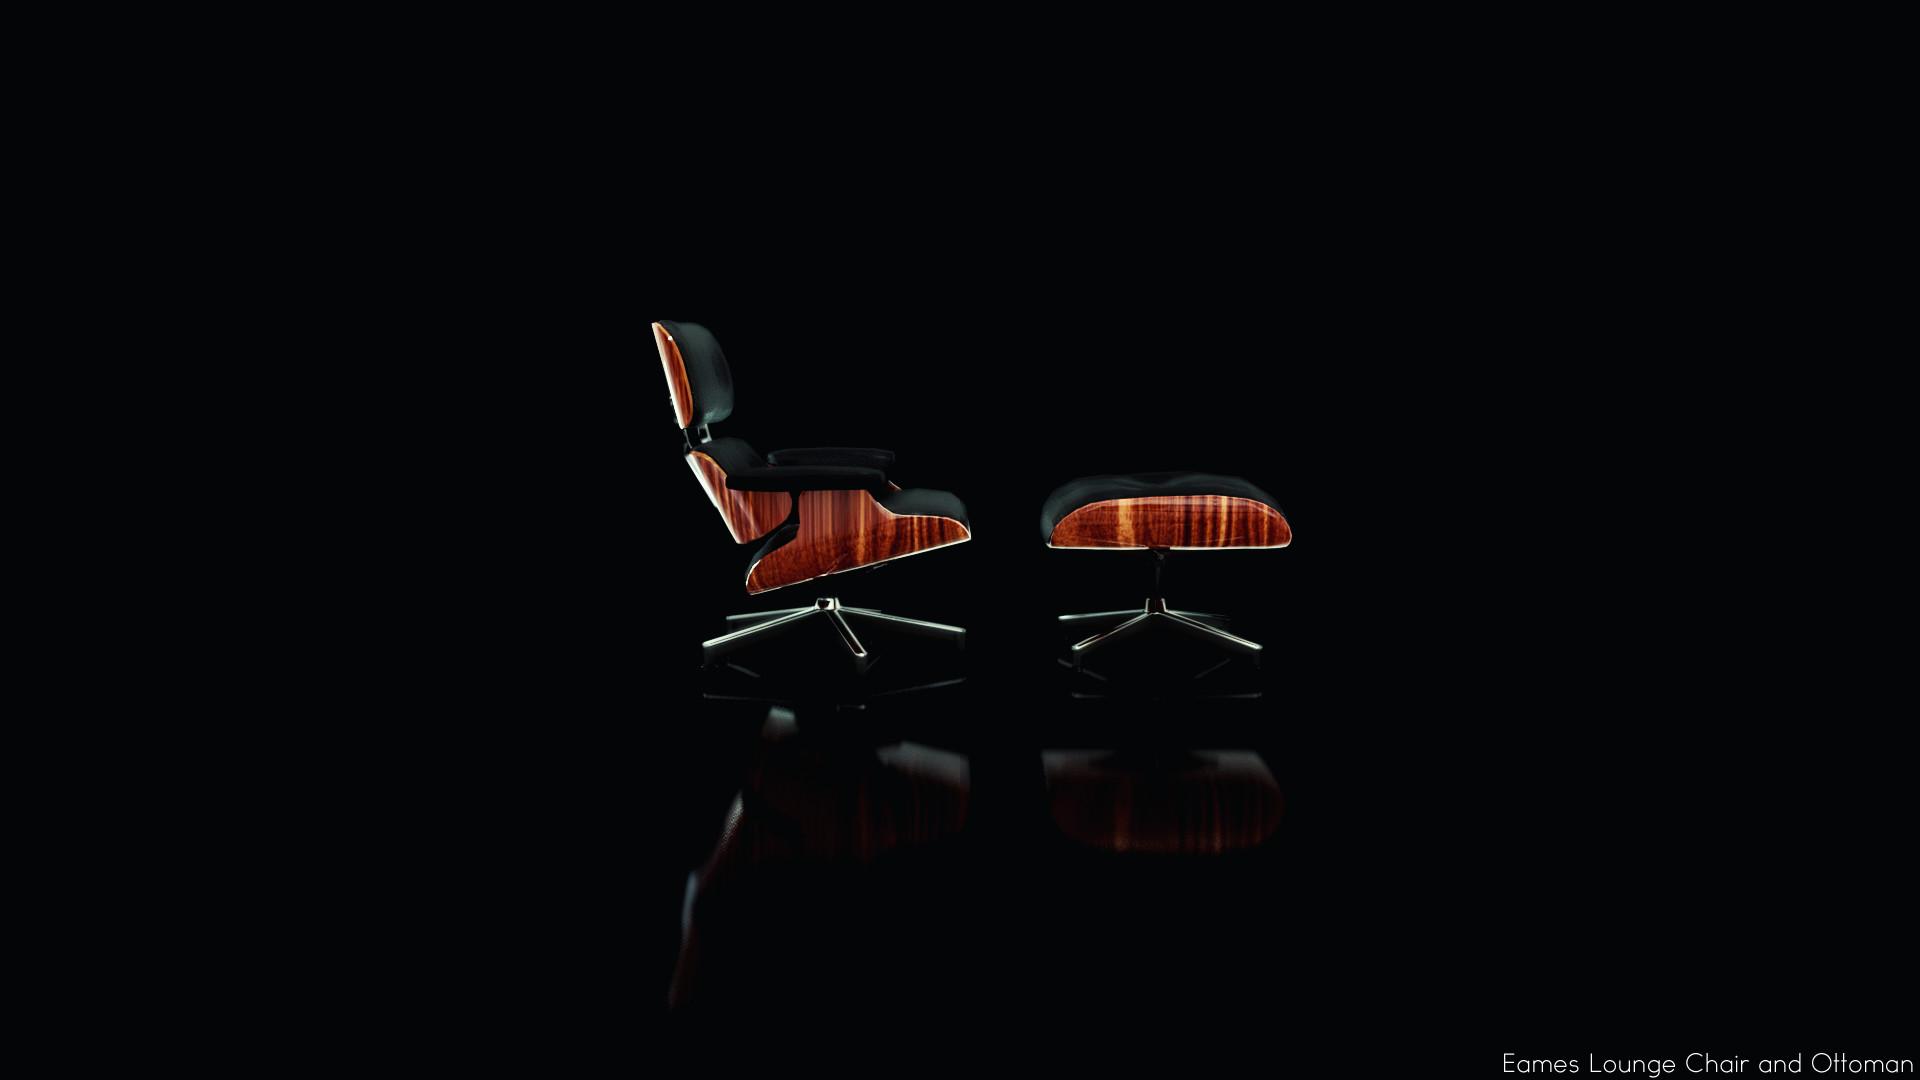 eames chair wallpaper - photo #4